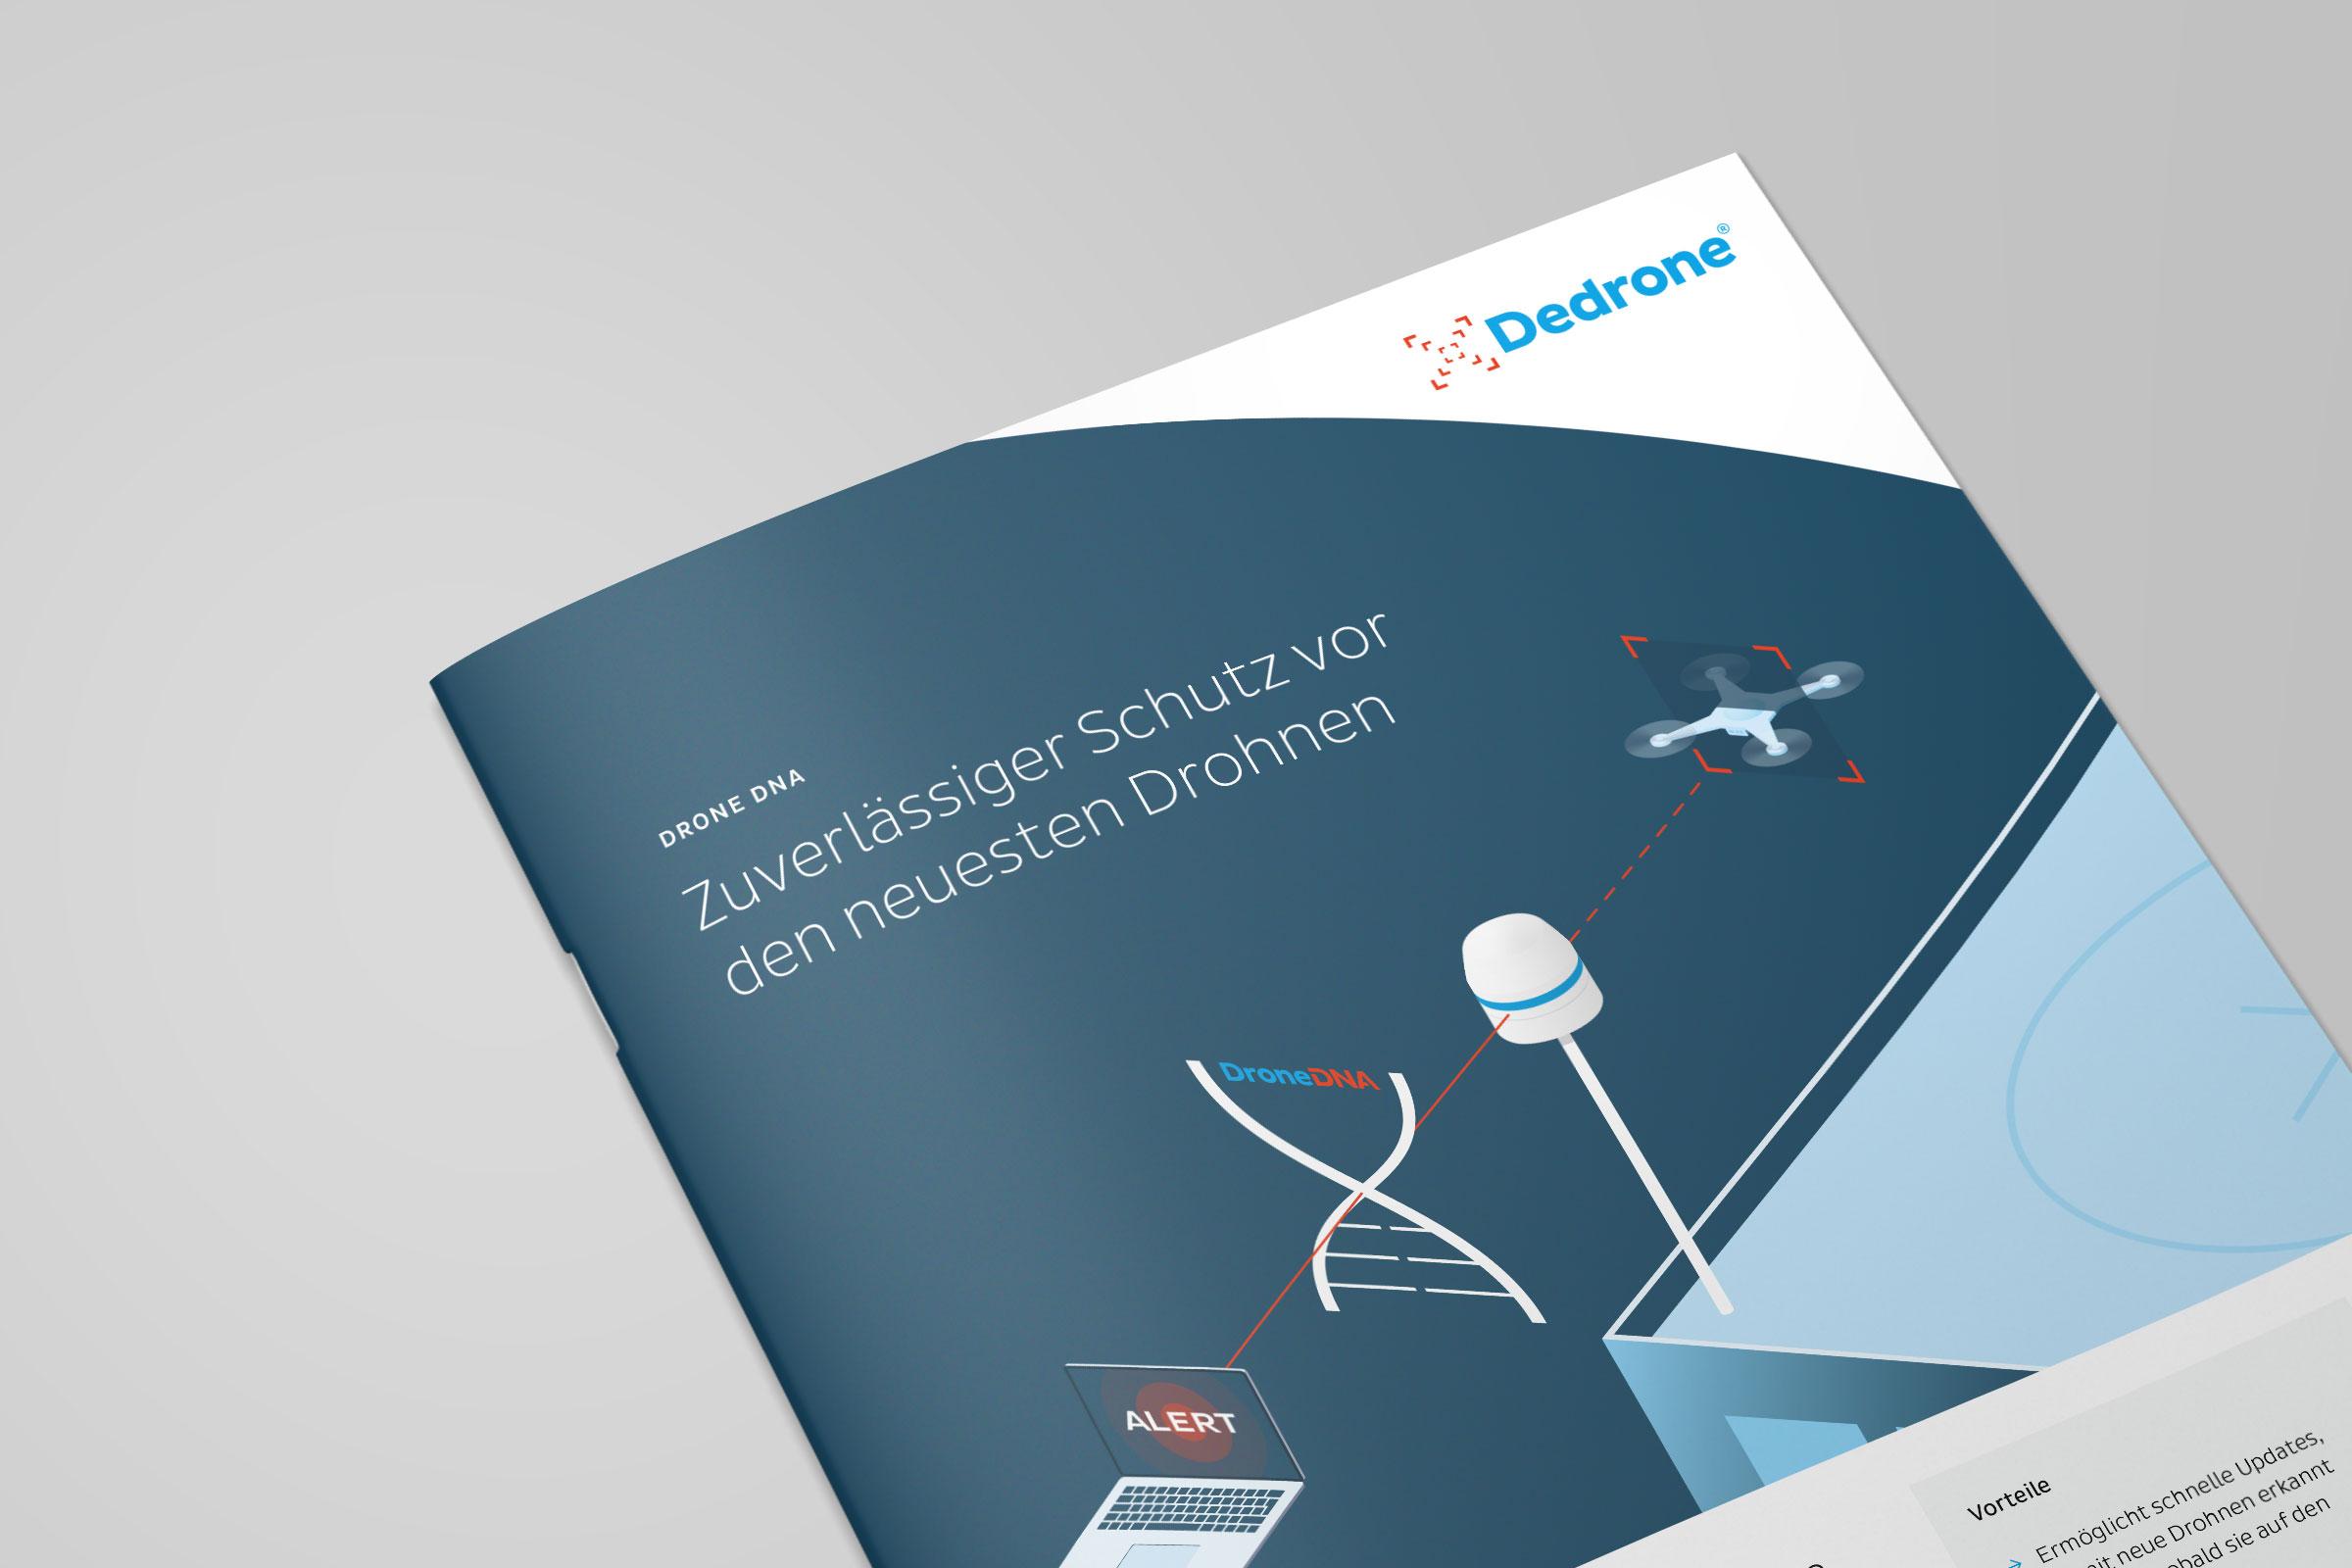 DroneDNA: Zuverlässiger Schutz vor den neuesten Drohnen